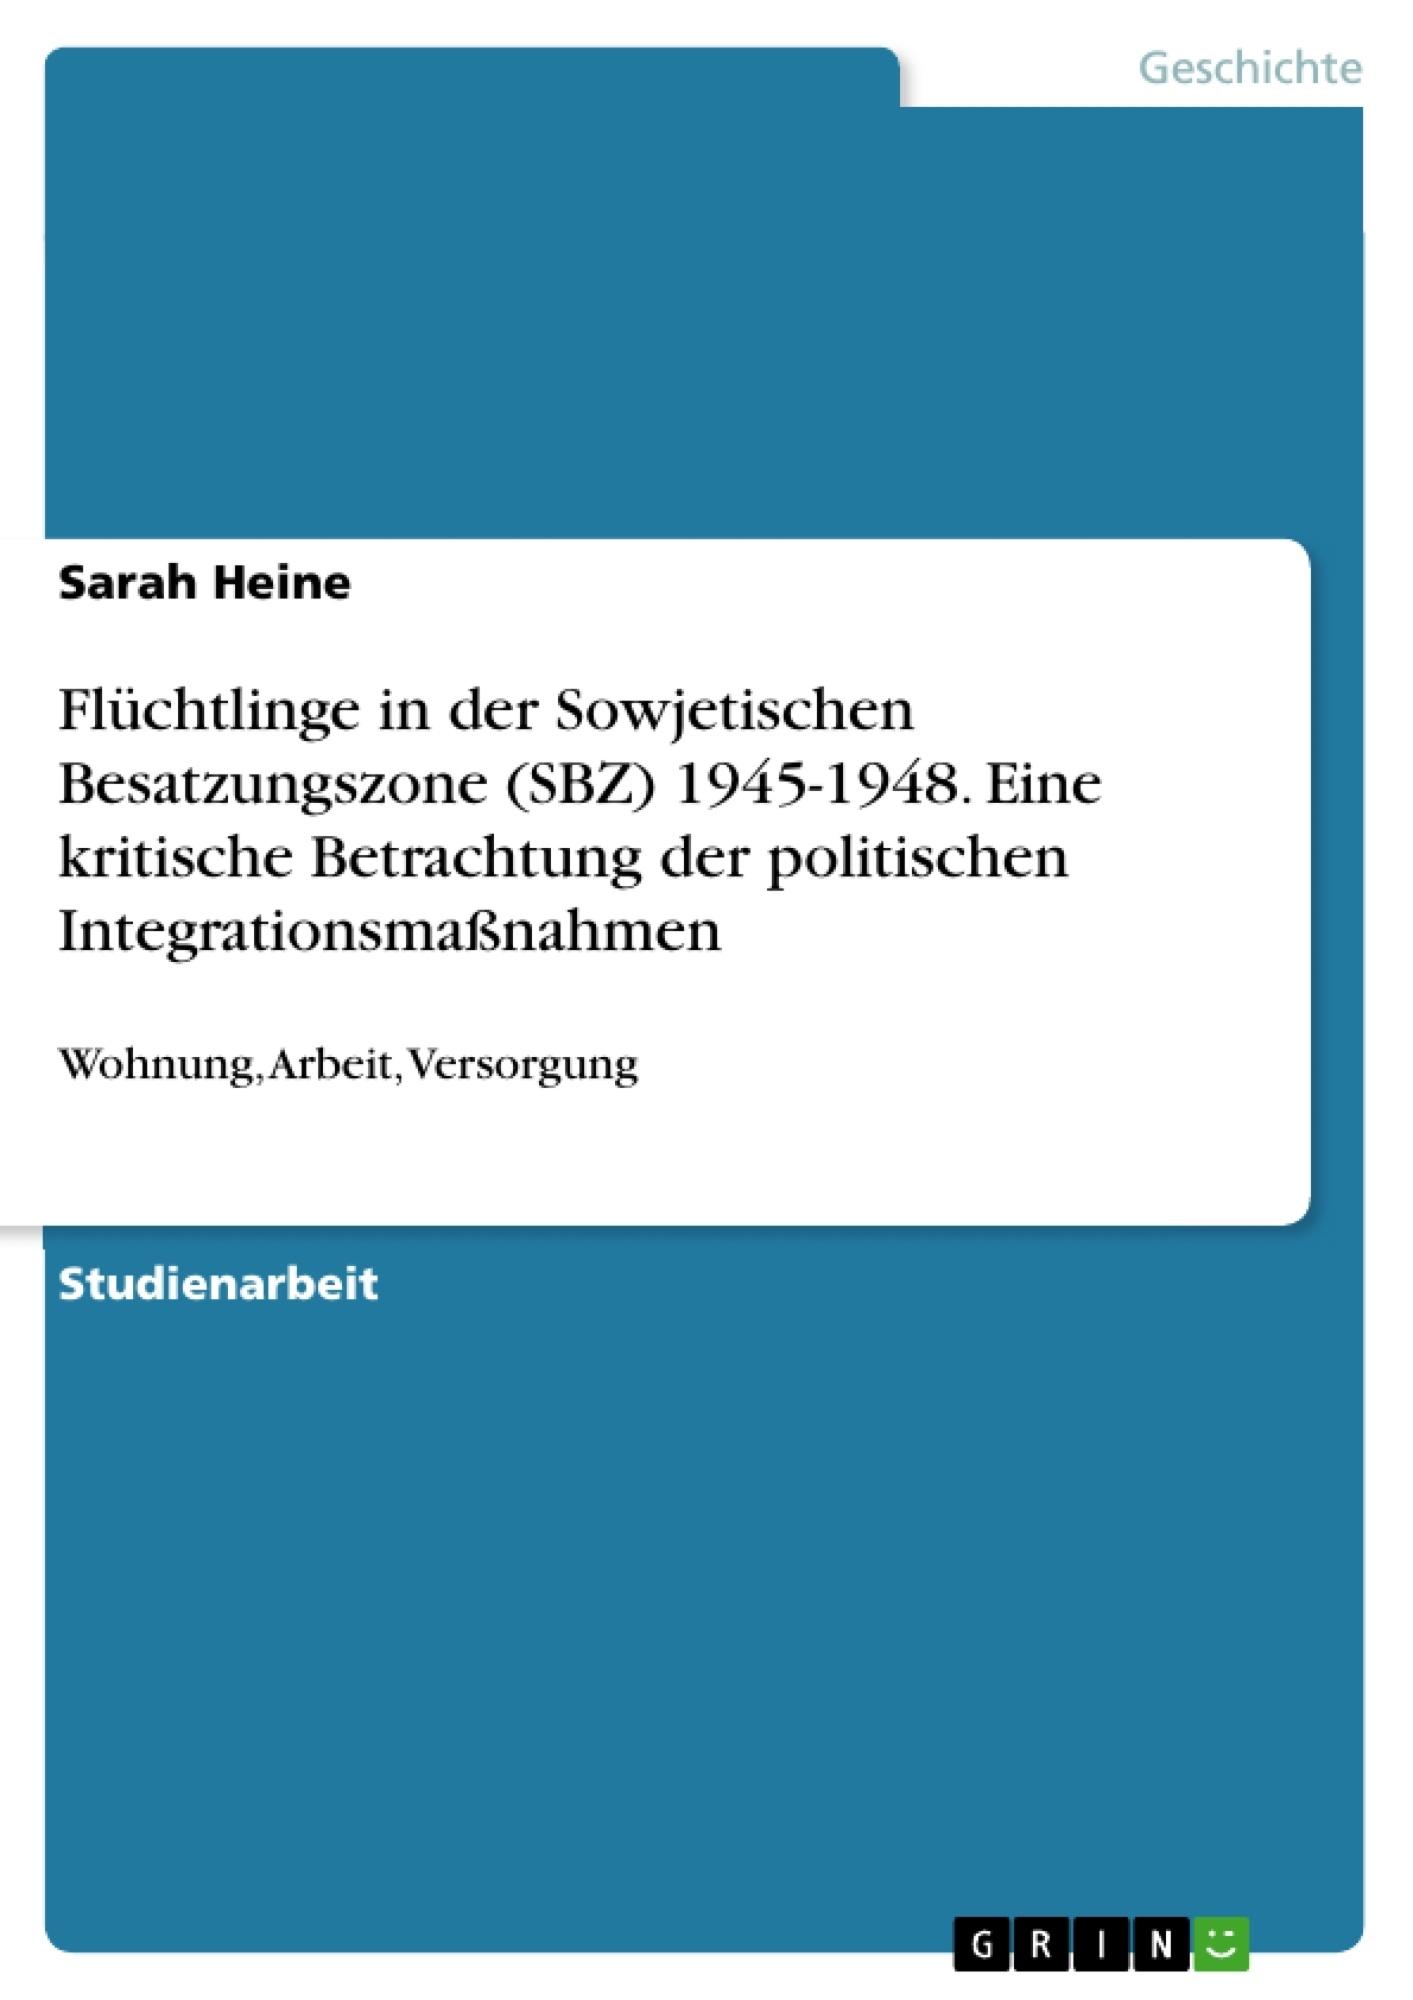 Titel: Flüchtlinge in der Sowjetischen Besatzungszone (SBZ) 1945-1948. Eine kritische Betrachtung der politischen Integrationsmaßnahmen